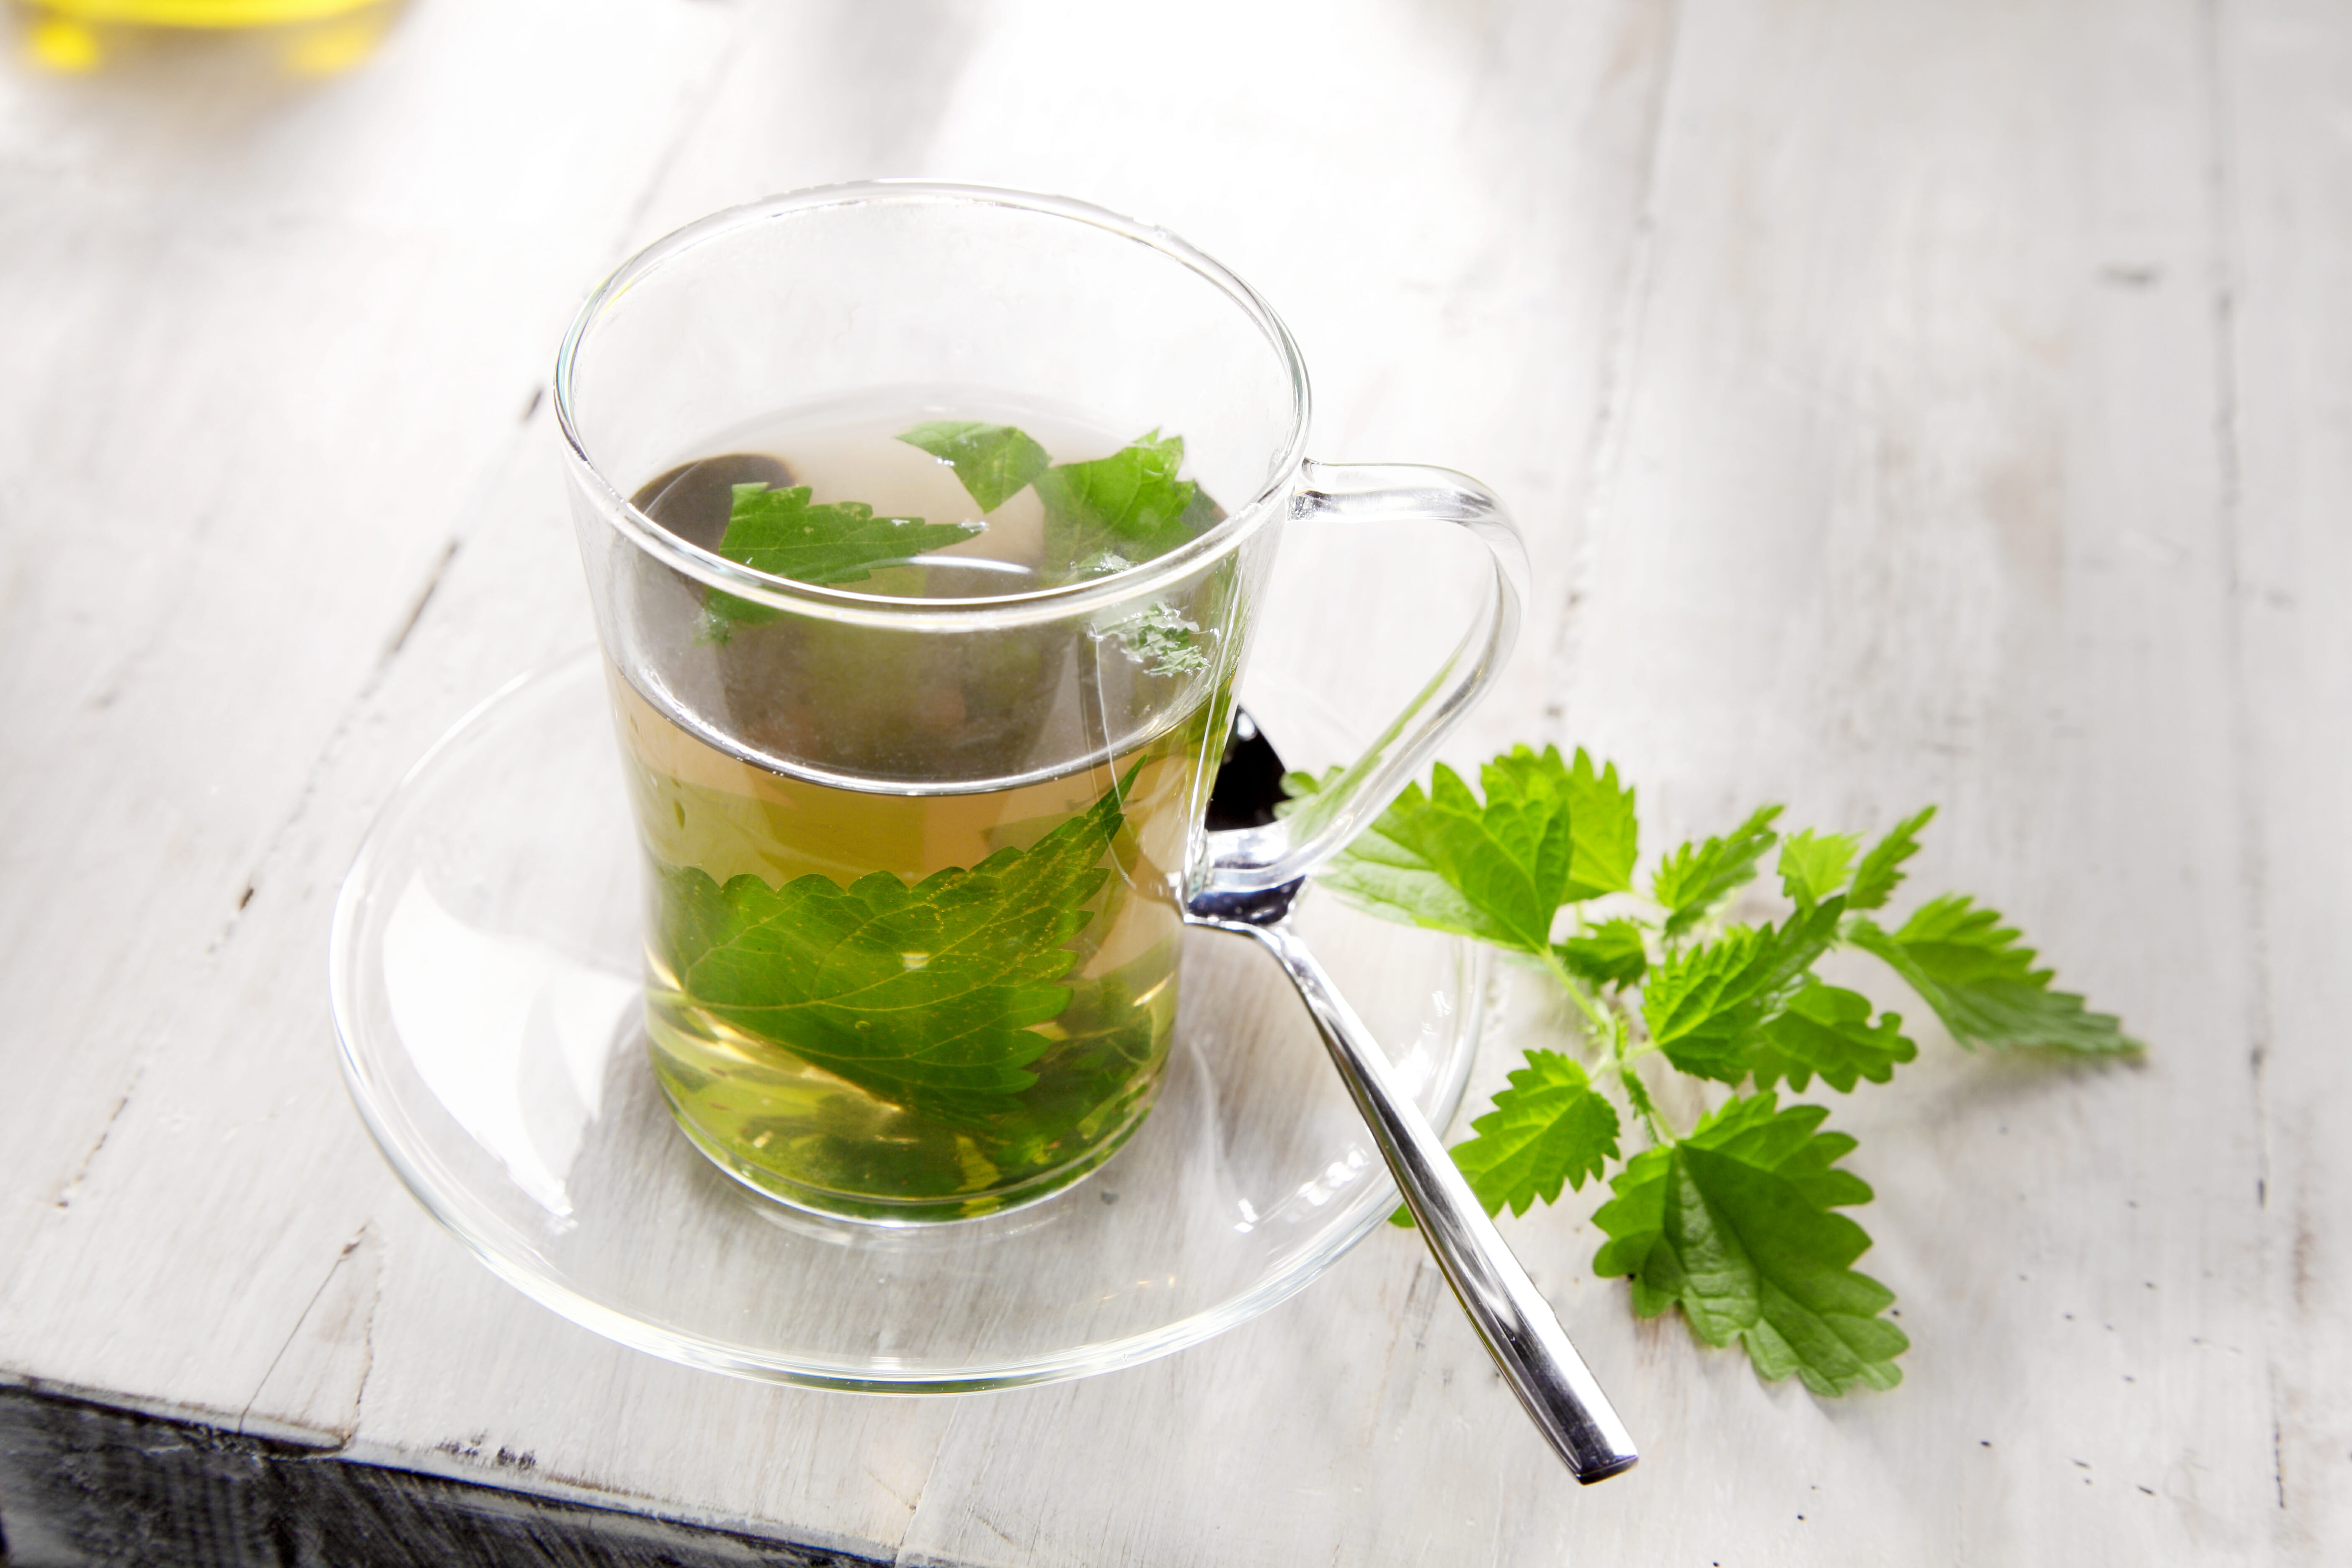 Чай лемонграсс - полезные свойства, рецепты заваривания